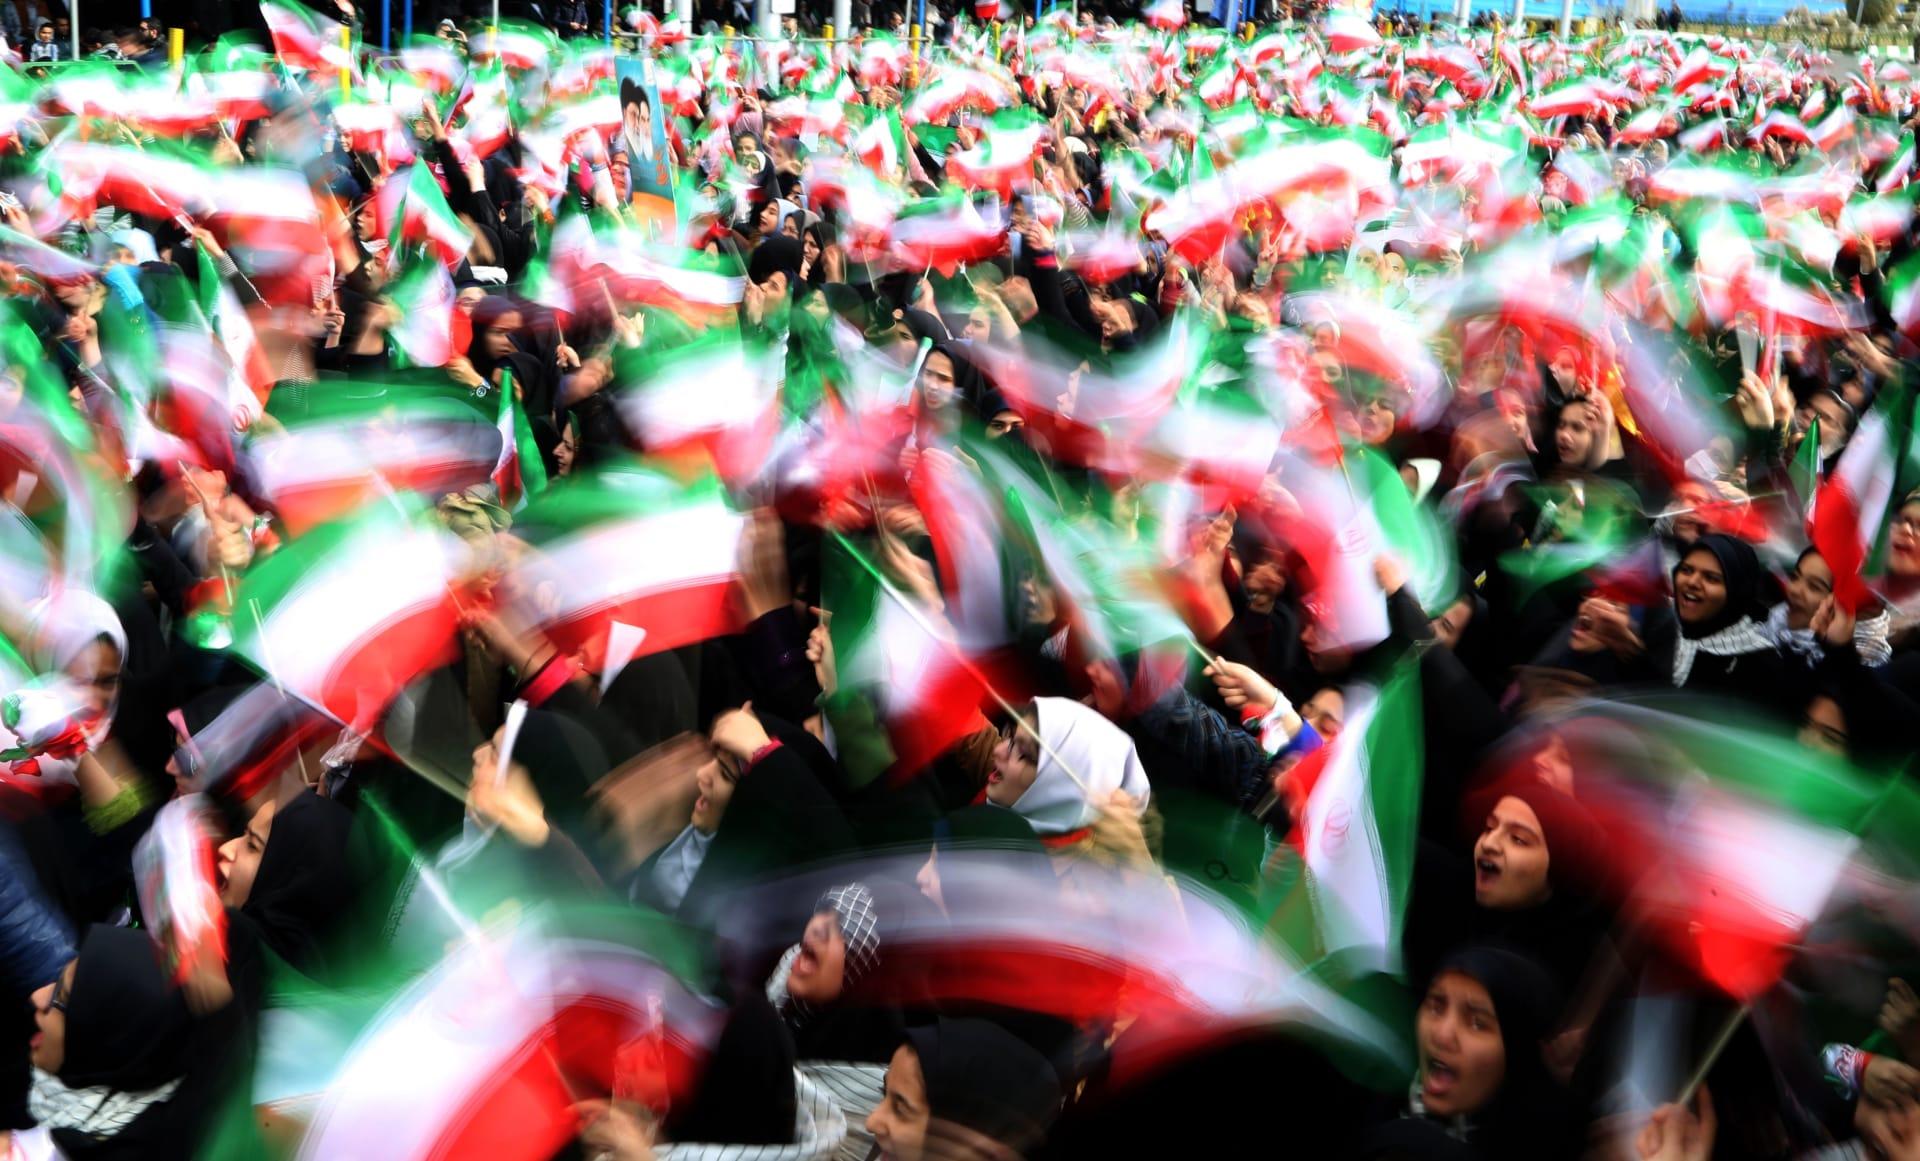 محللون لـCNN: قطع العلاقات مع قطر قد يخلق فرصاً لإيران